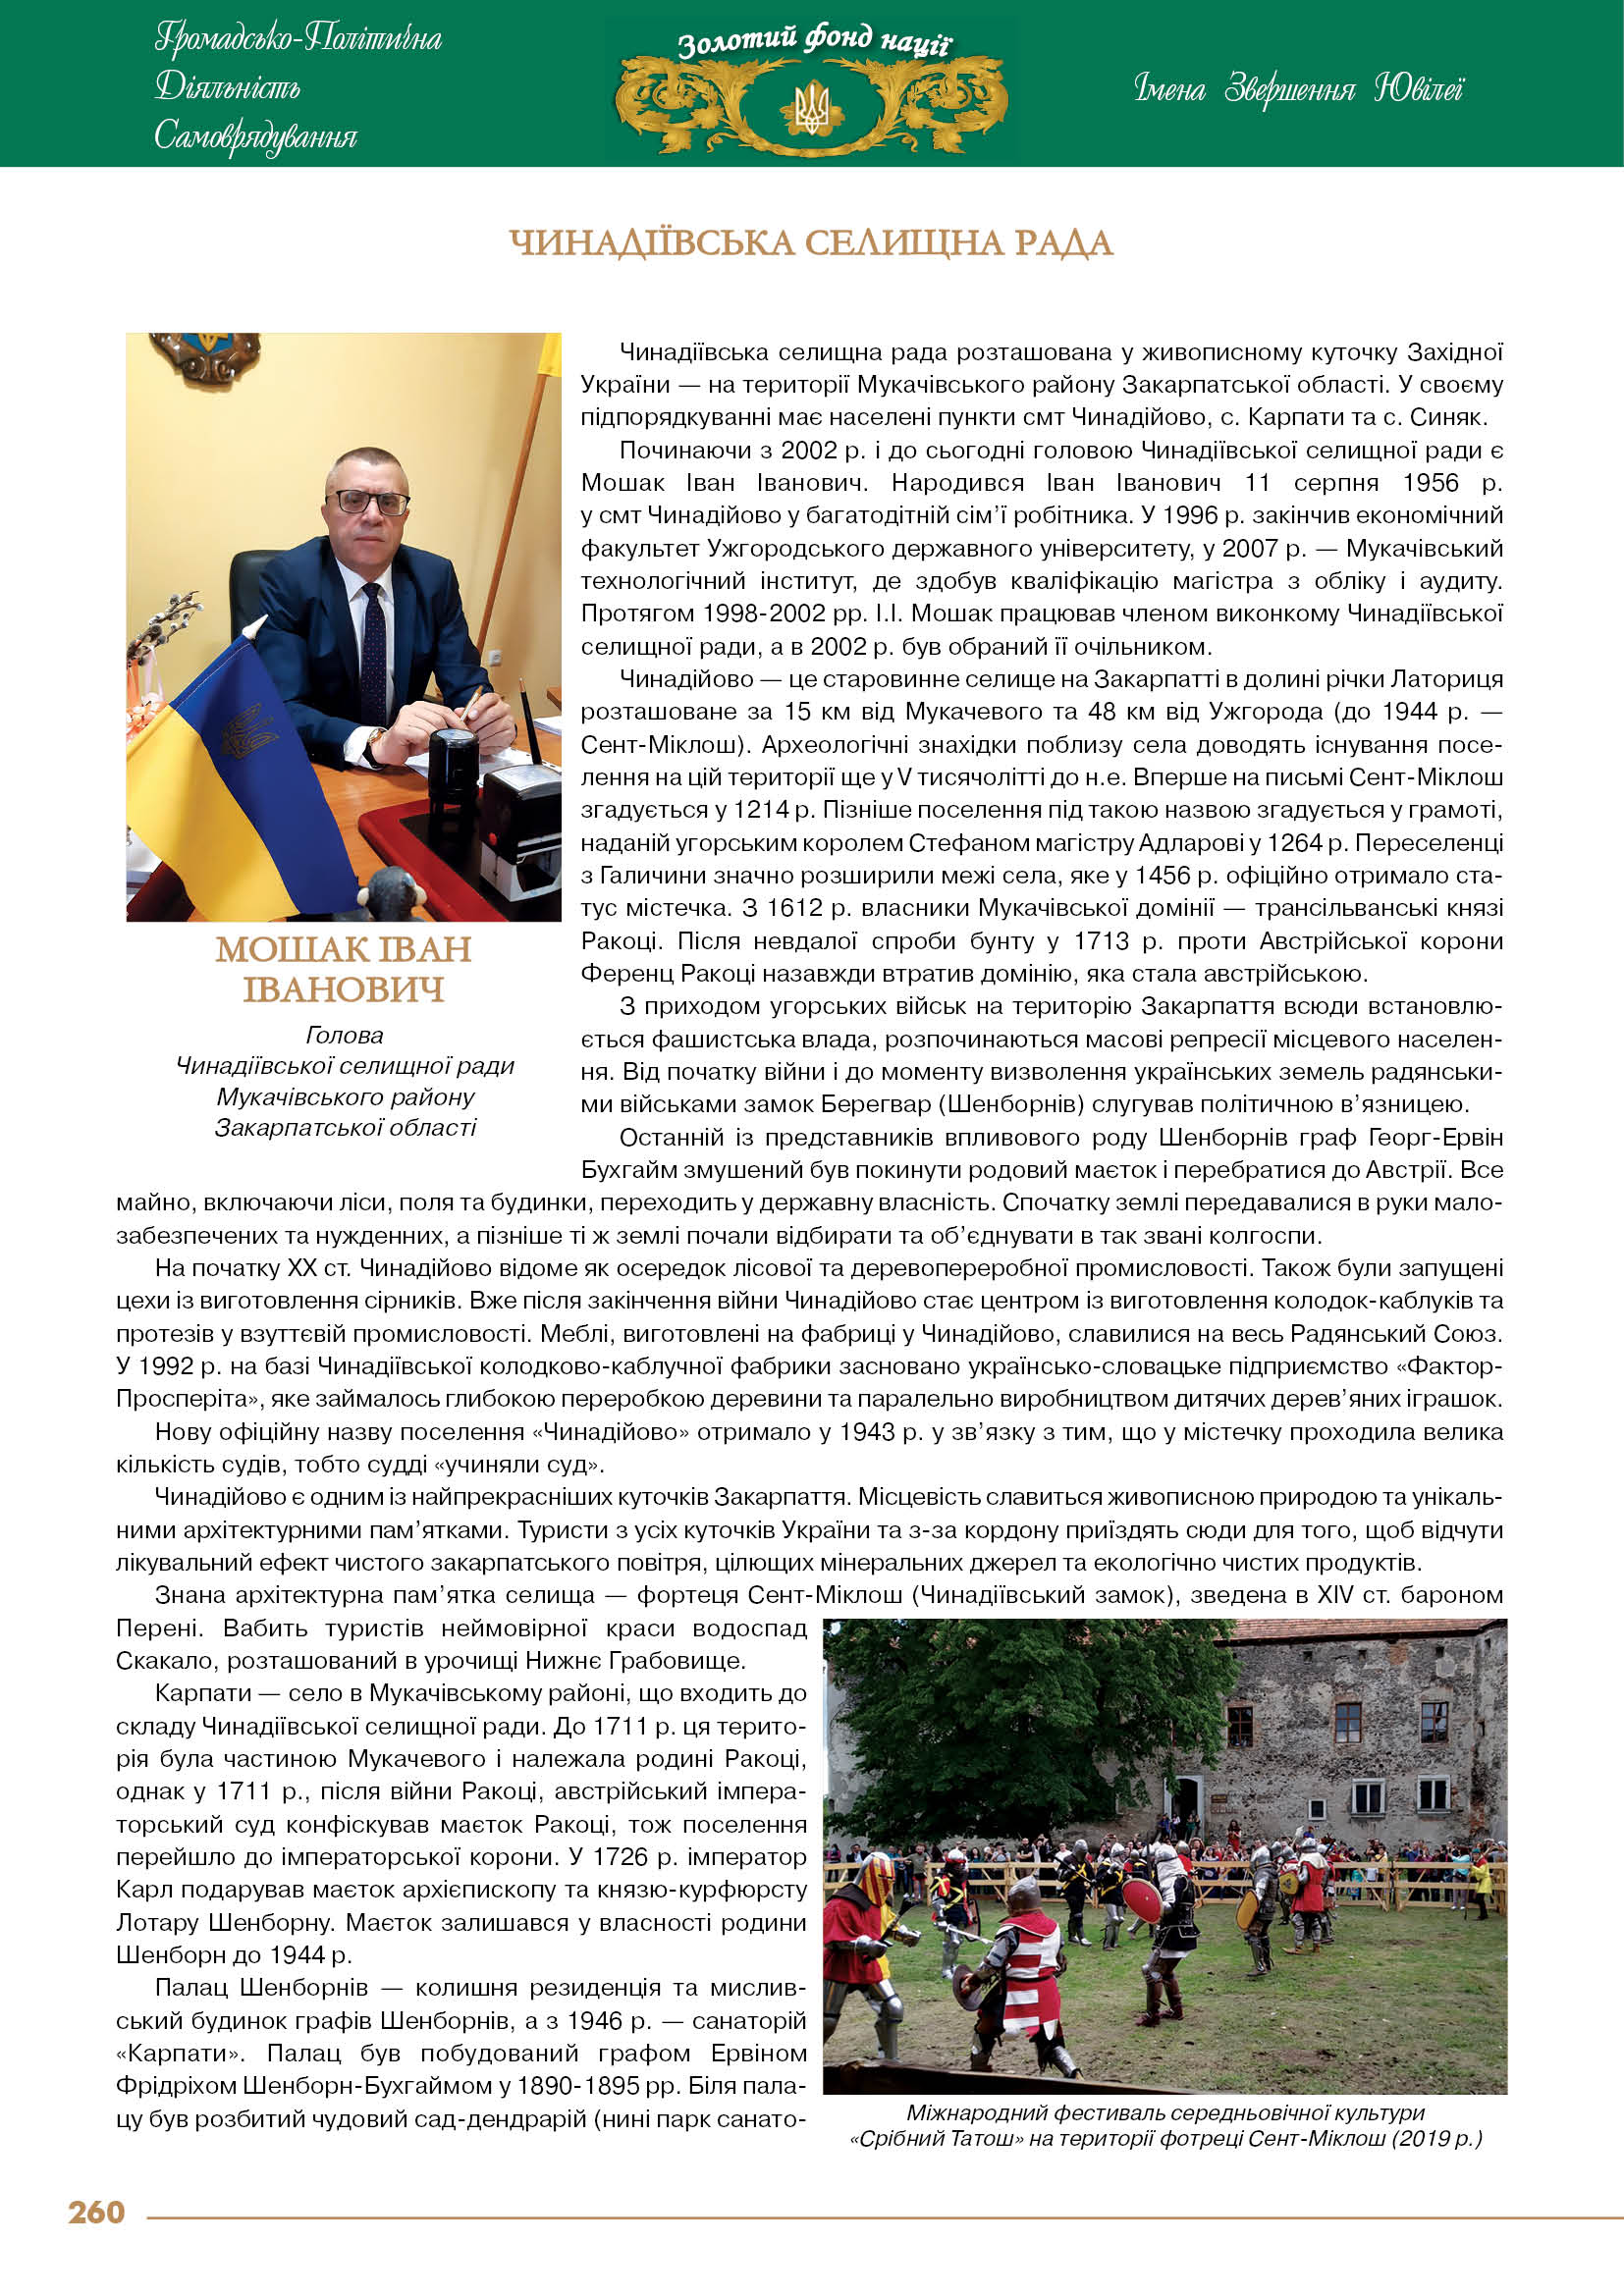 Мошак Іван Іванович